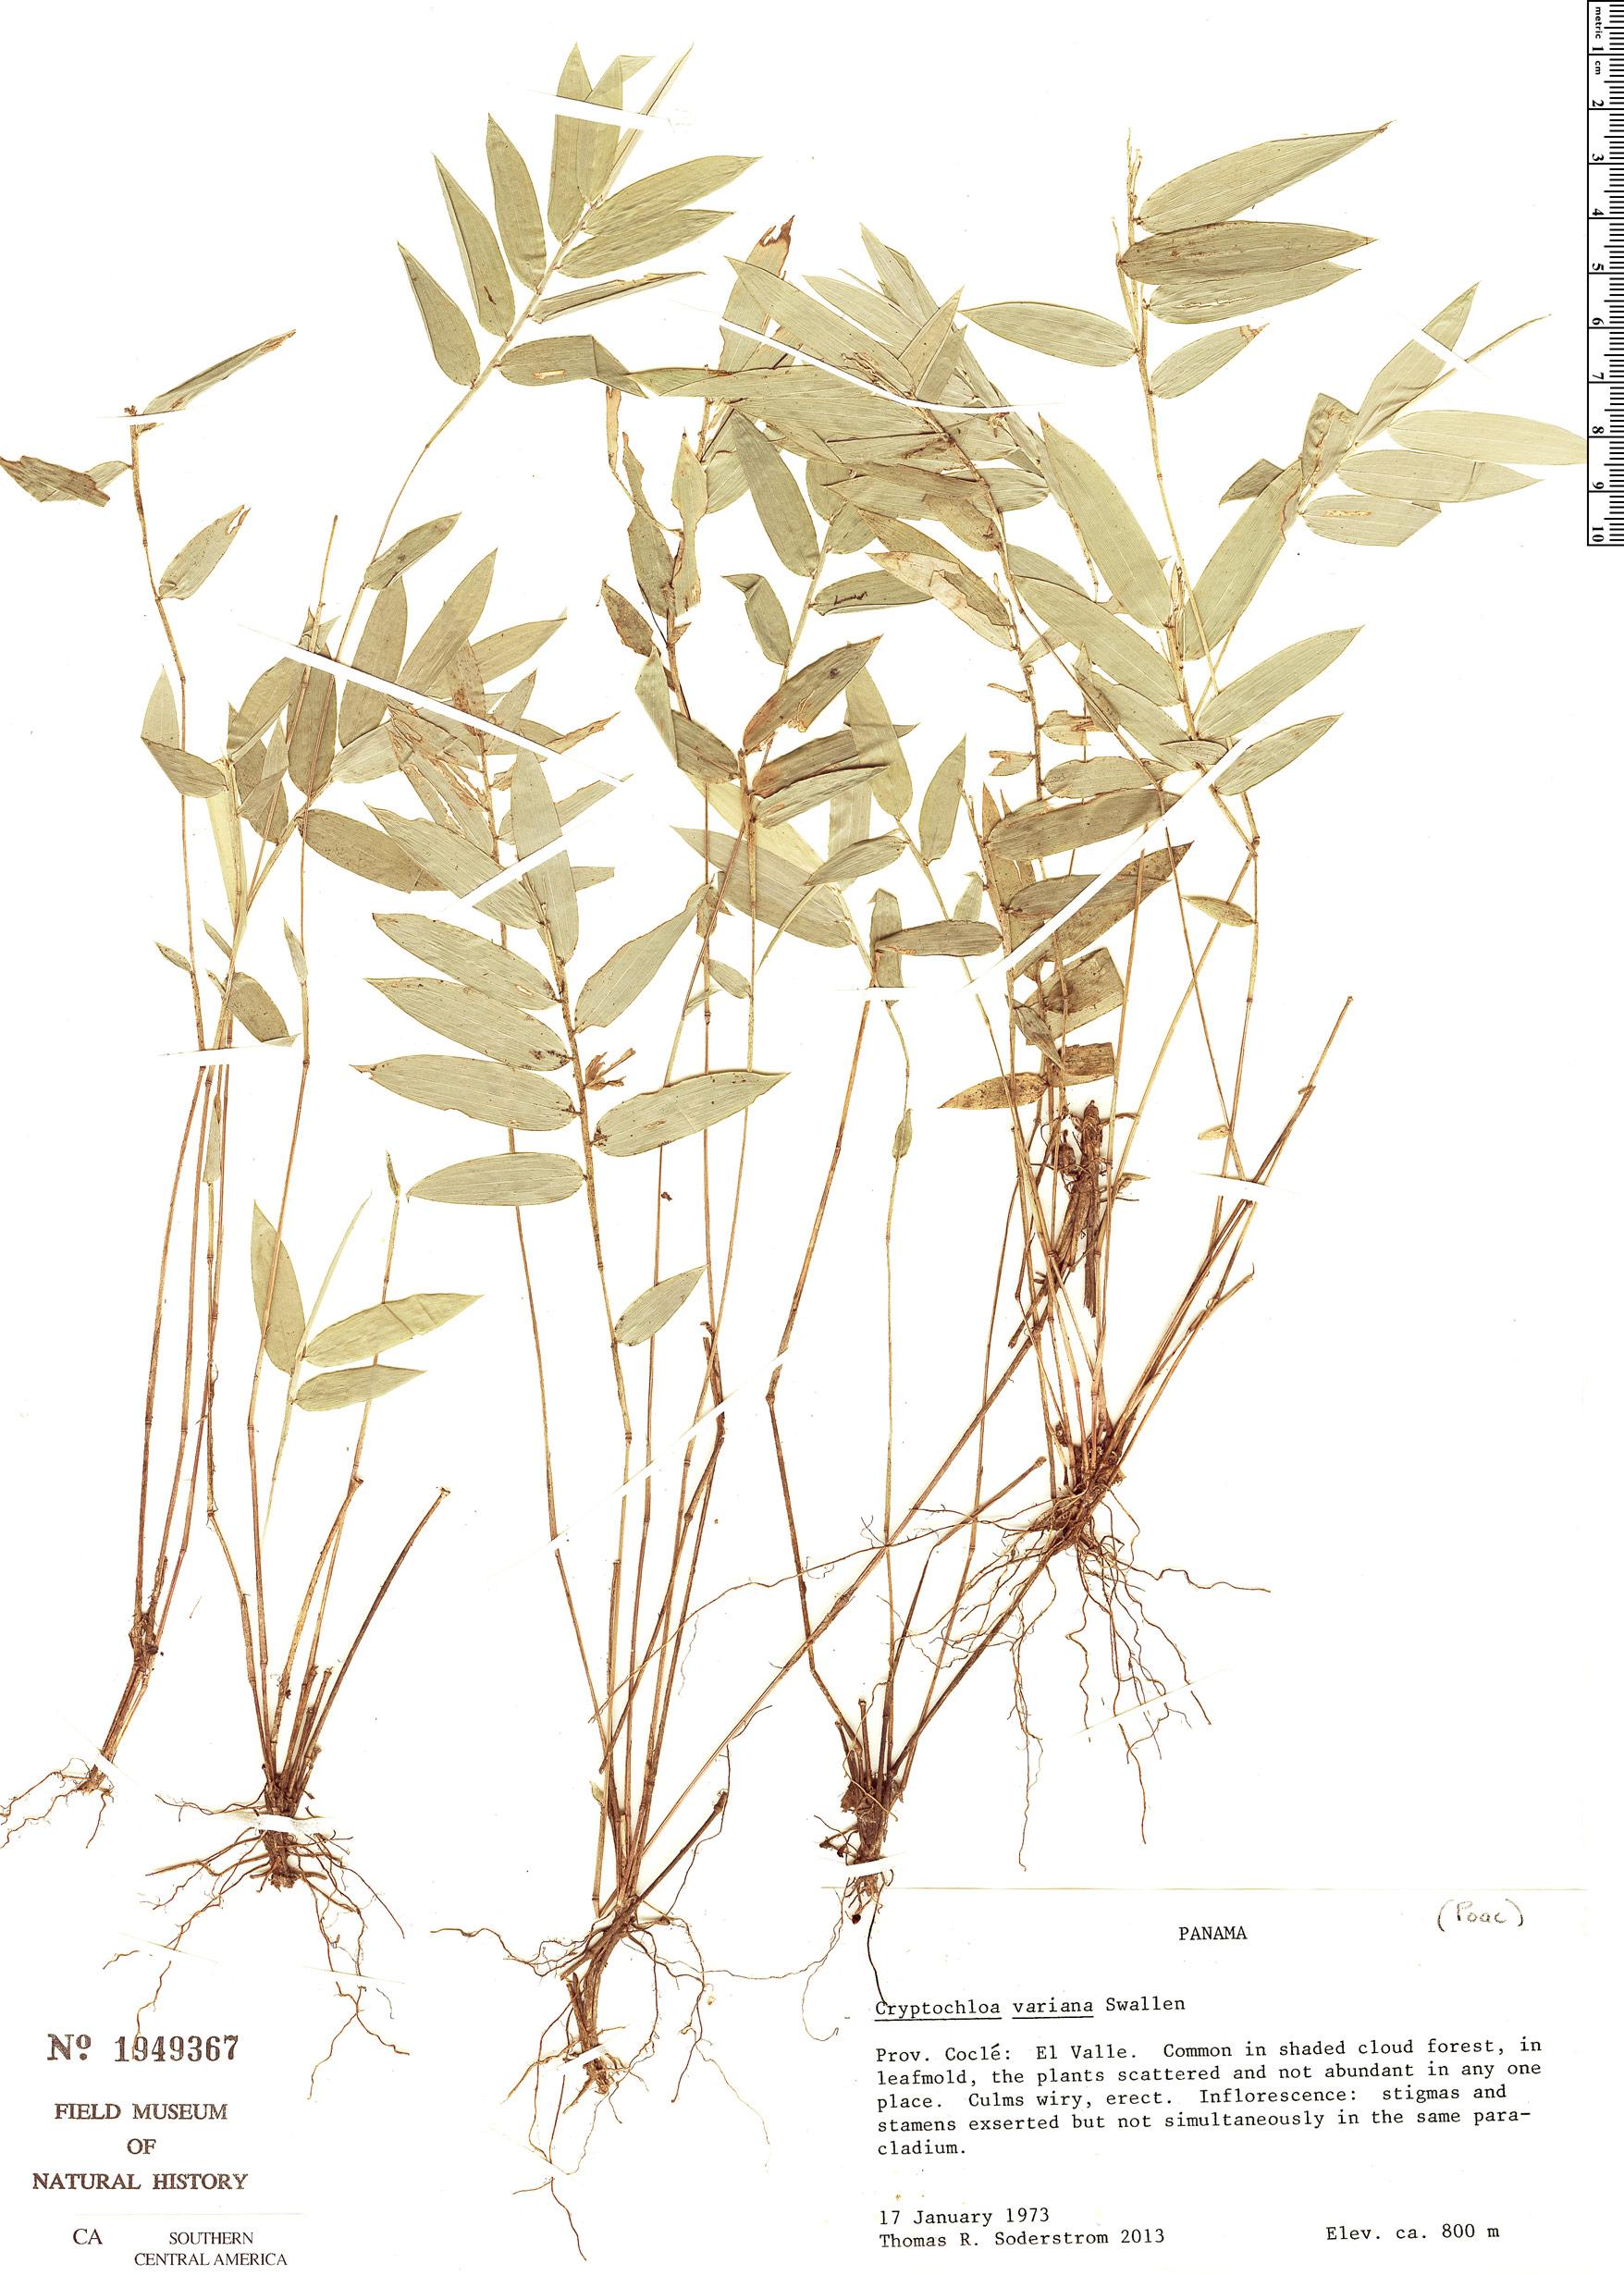 Image of Cryptochloa variana